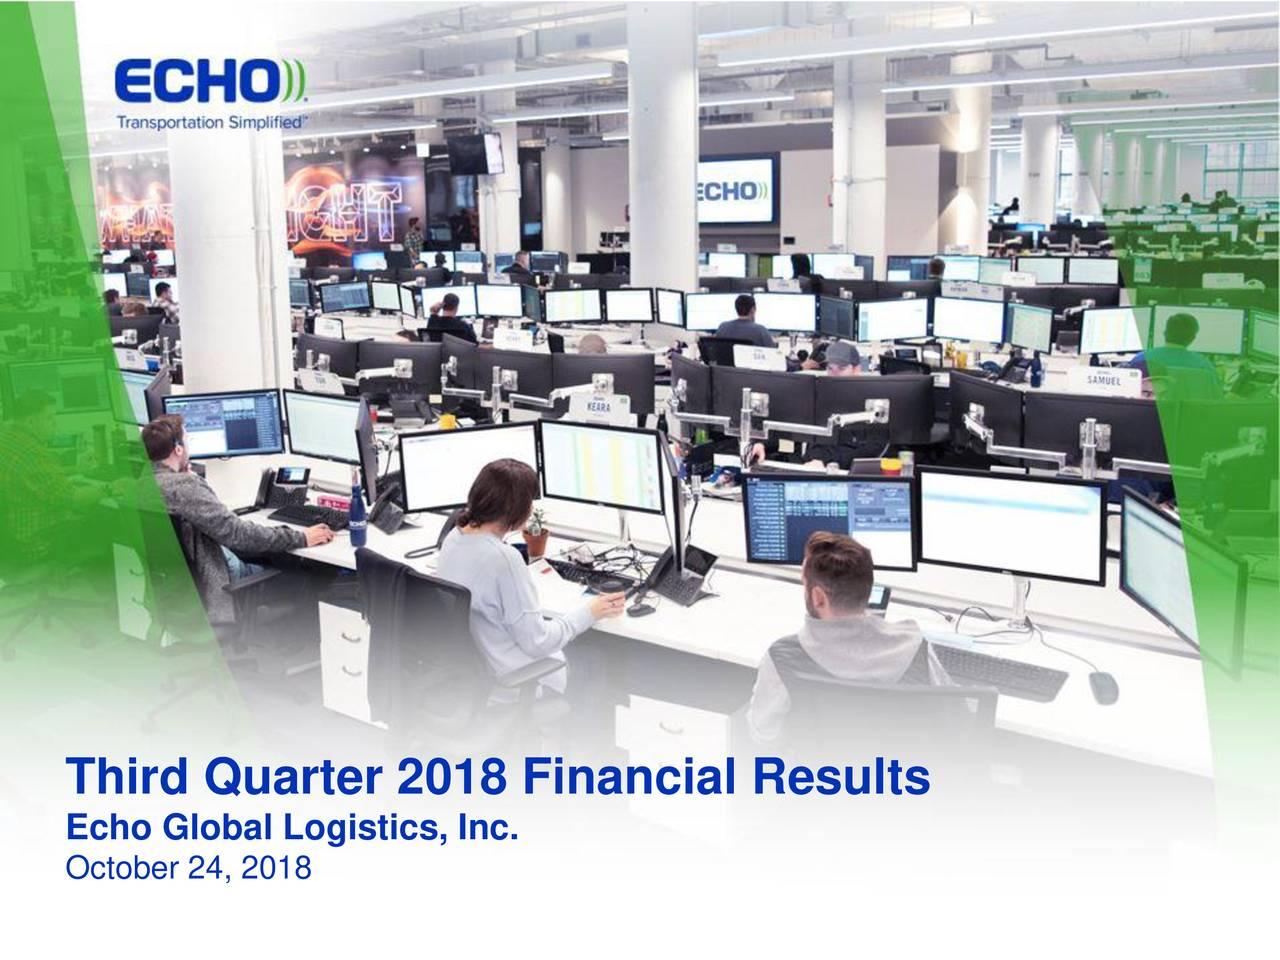 Echo Global Logistics, Inc. October 24, 2018